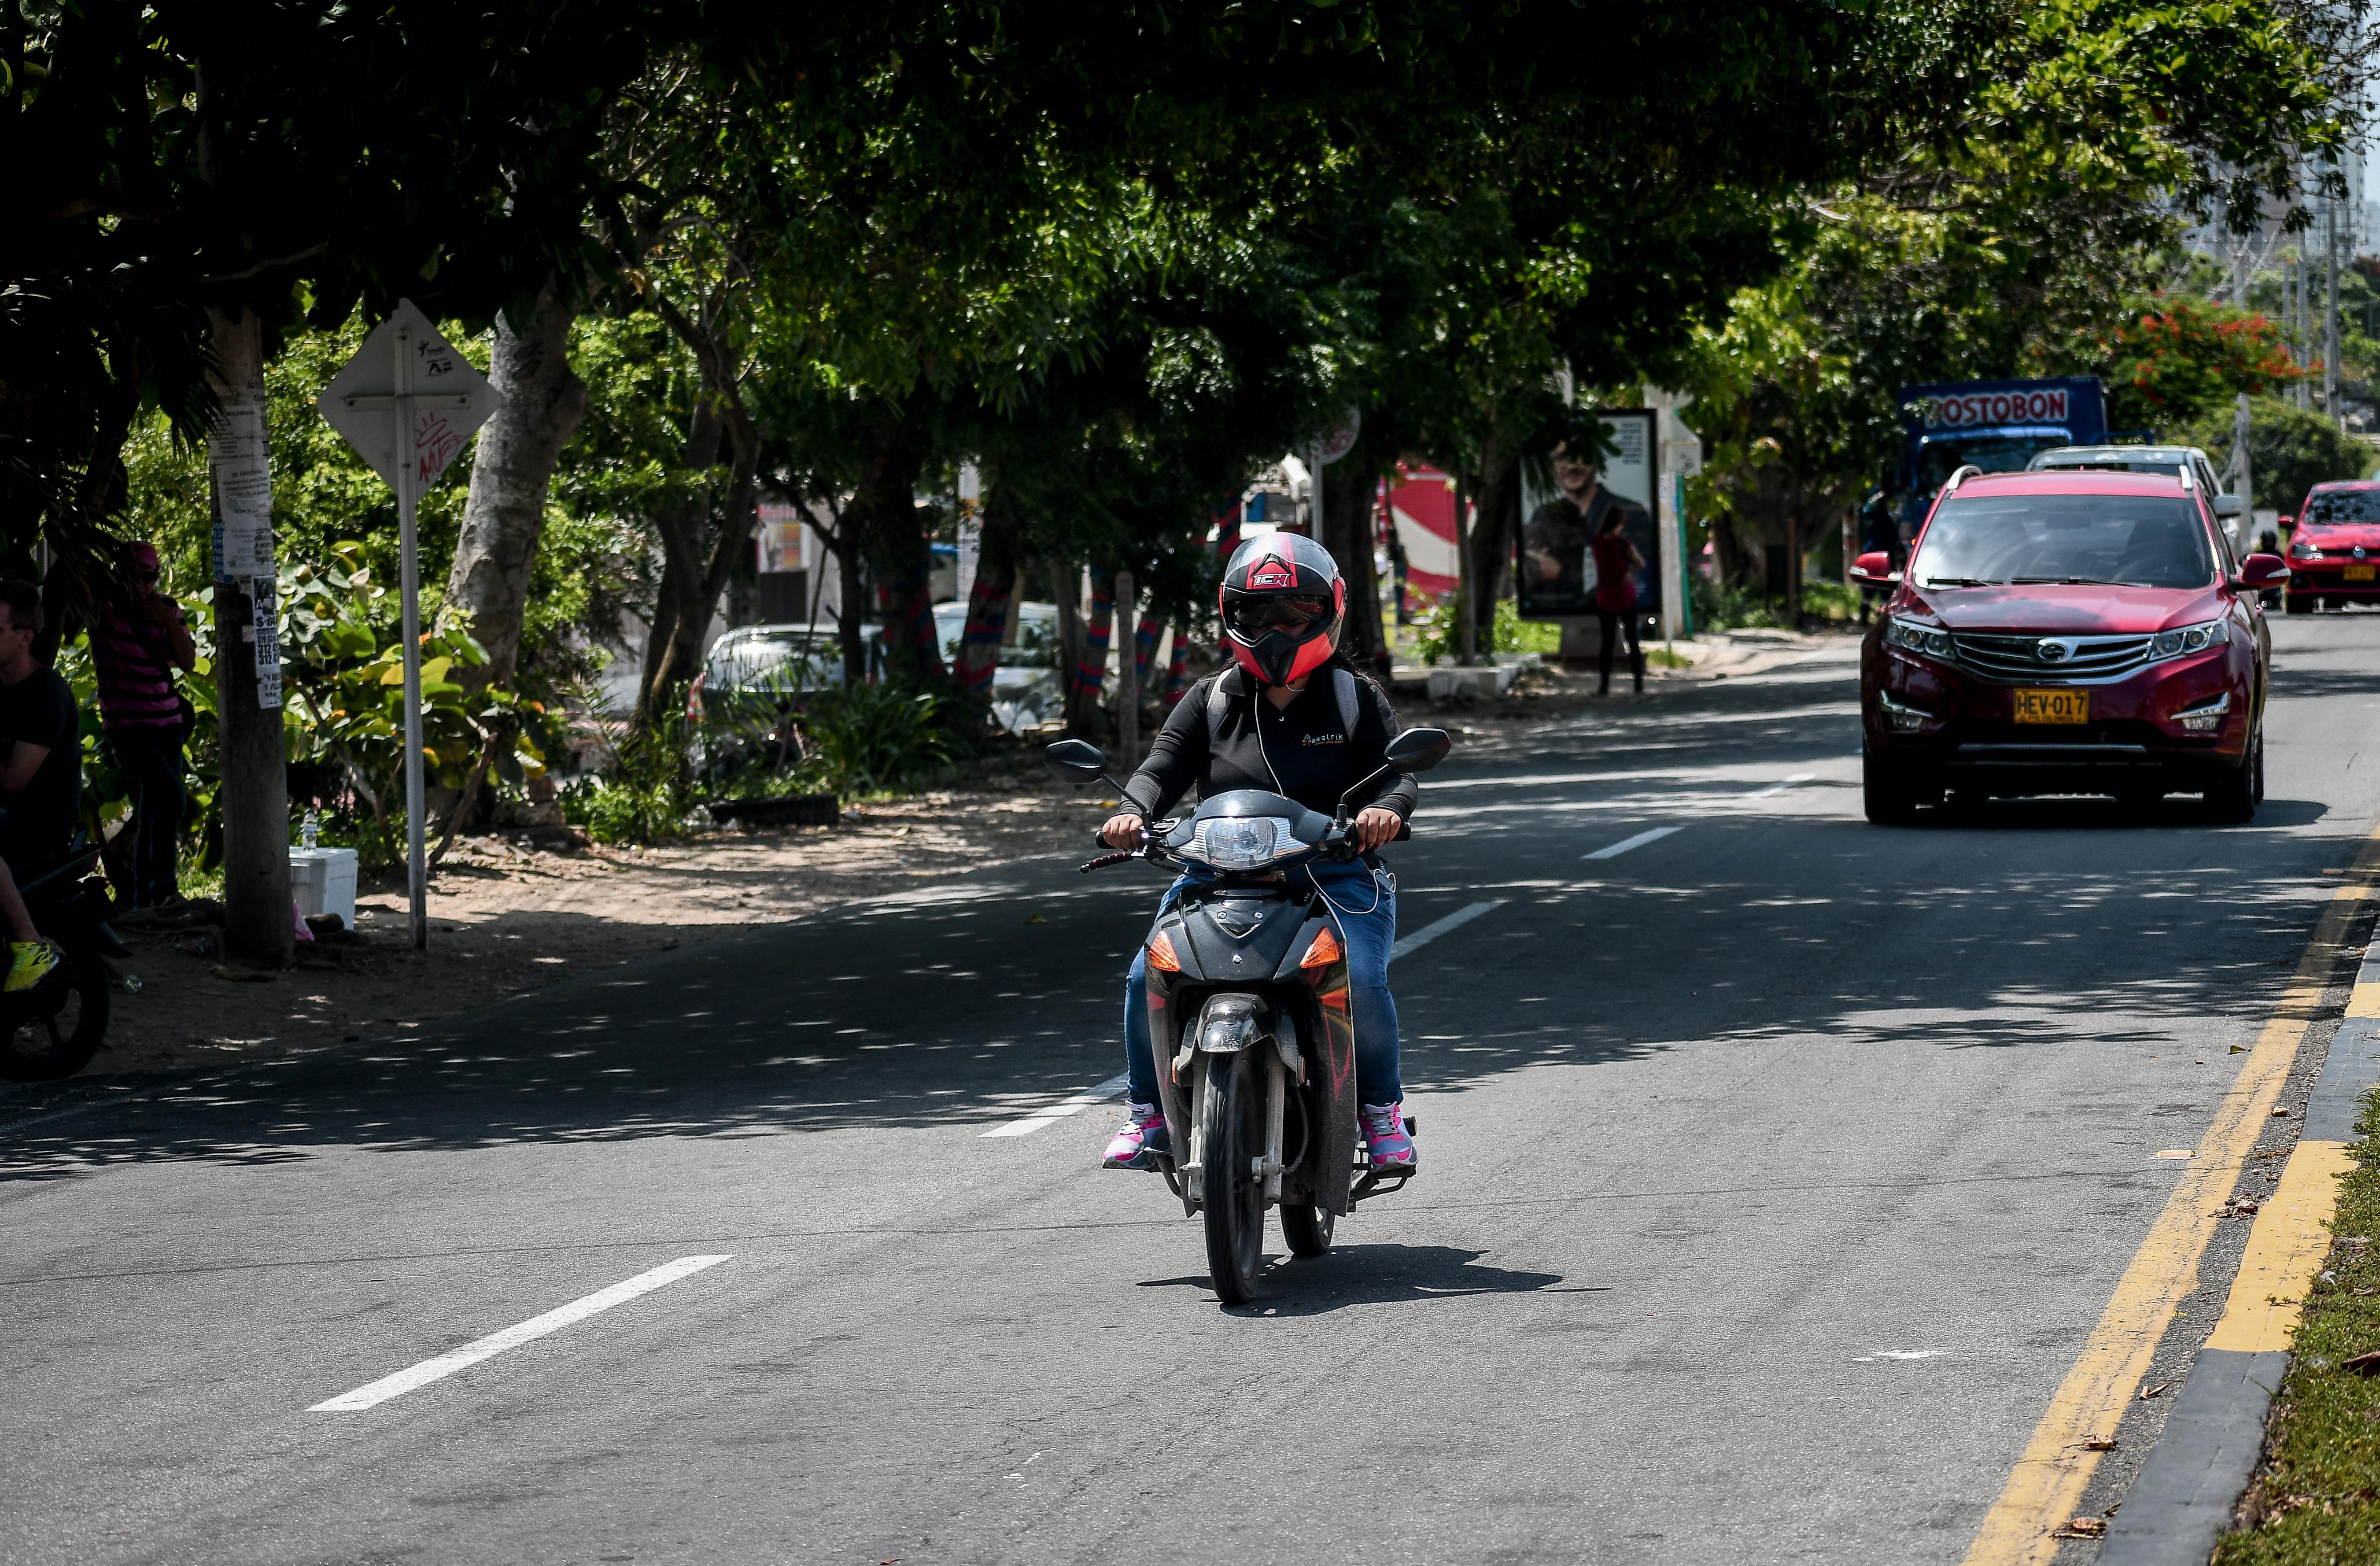 Una motocicleta circula sin problemas por la 51b.